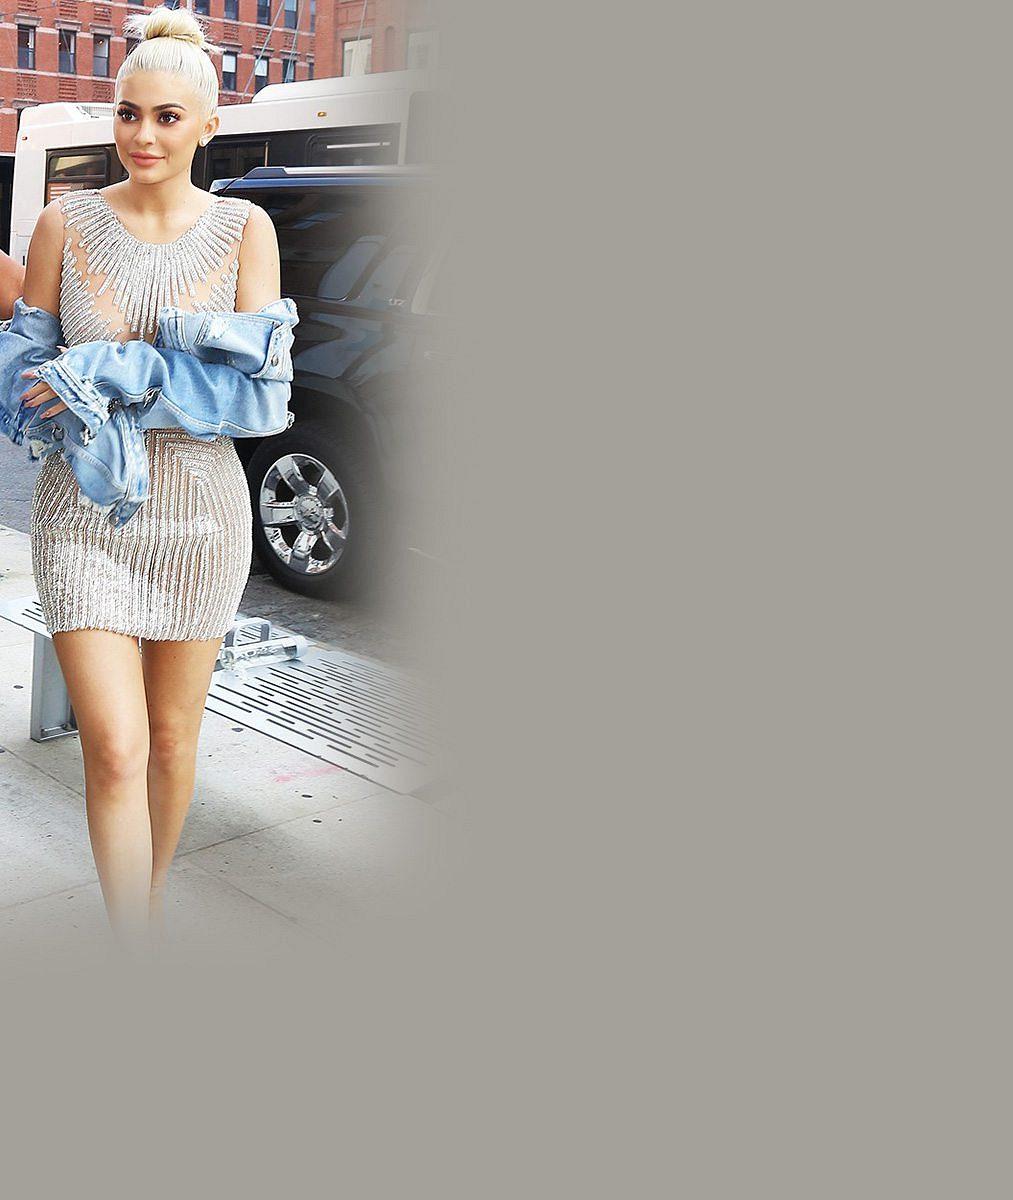 Zatímco se Kim vzpamatovává z přepadení, její sestra (19) fotí obálky v latexovém prádle